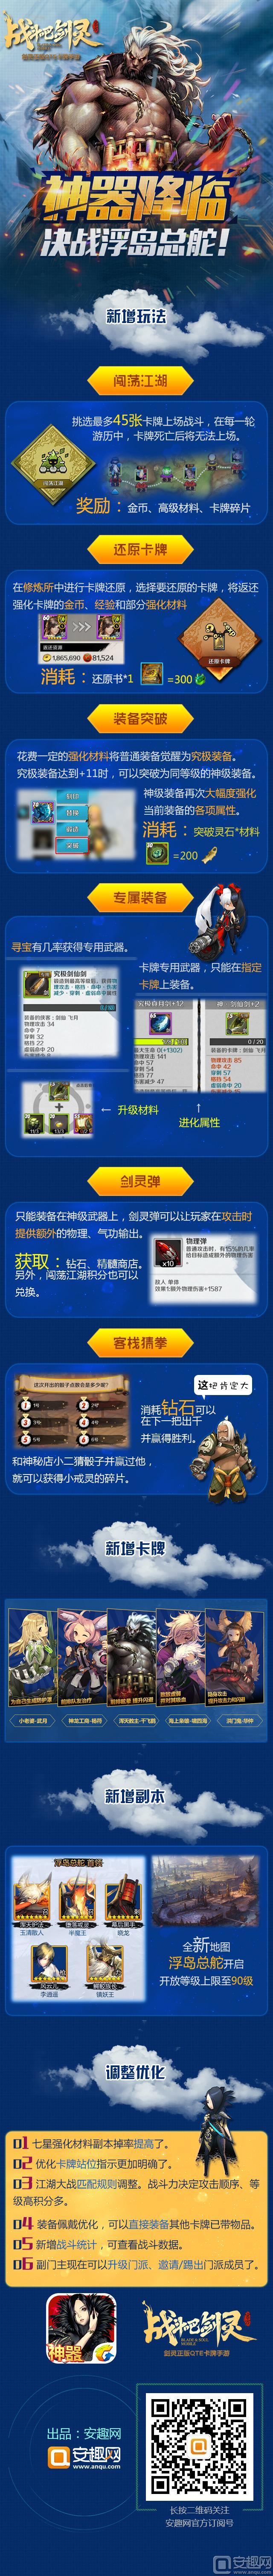 战斗吧剑灵新版本-完稿2.jpg